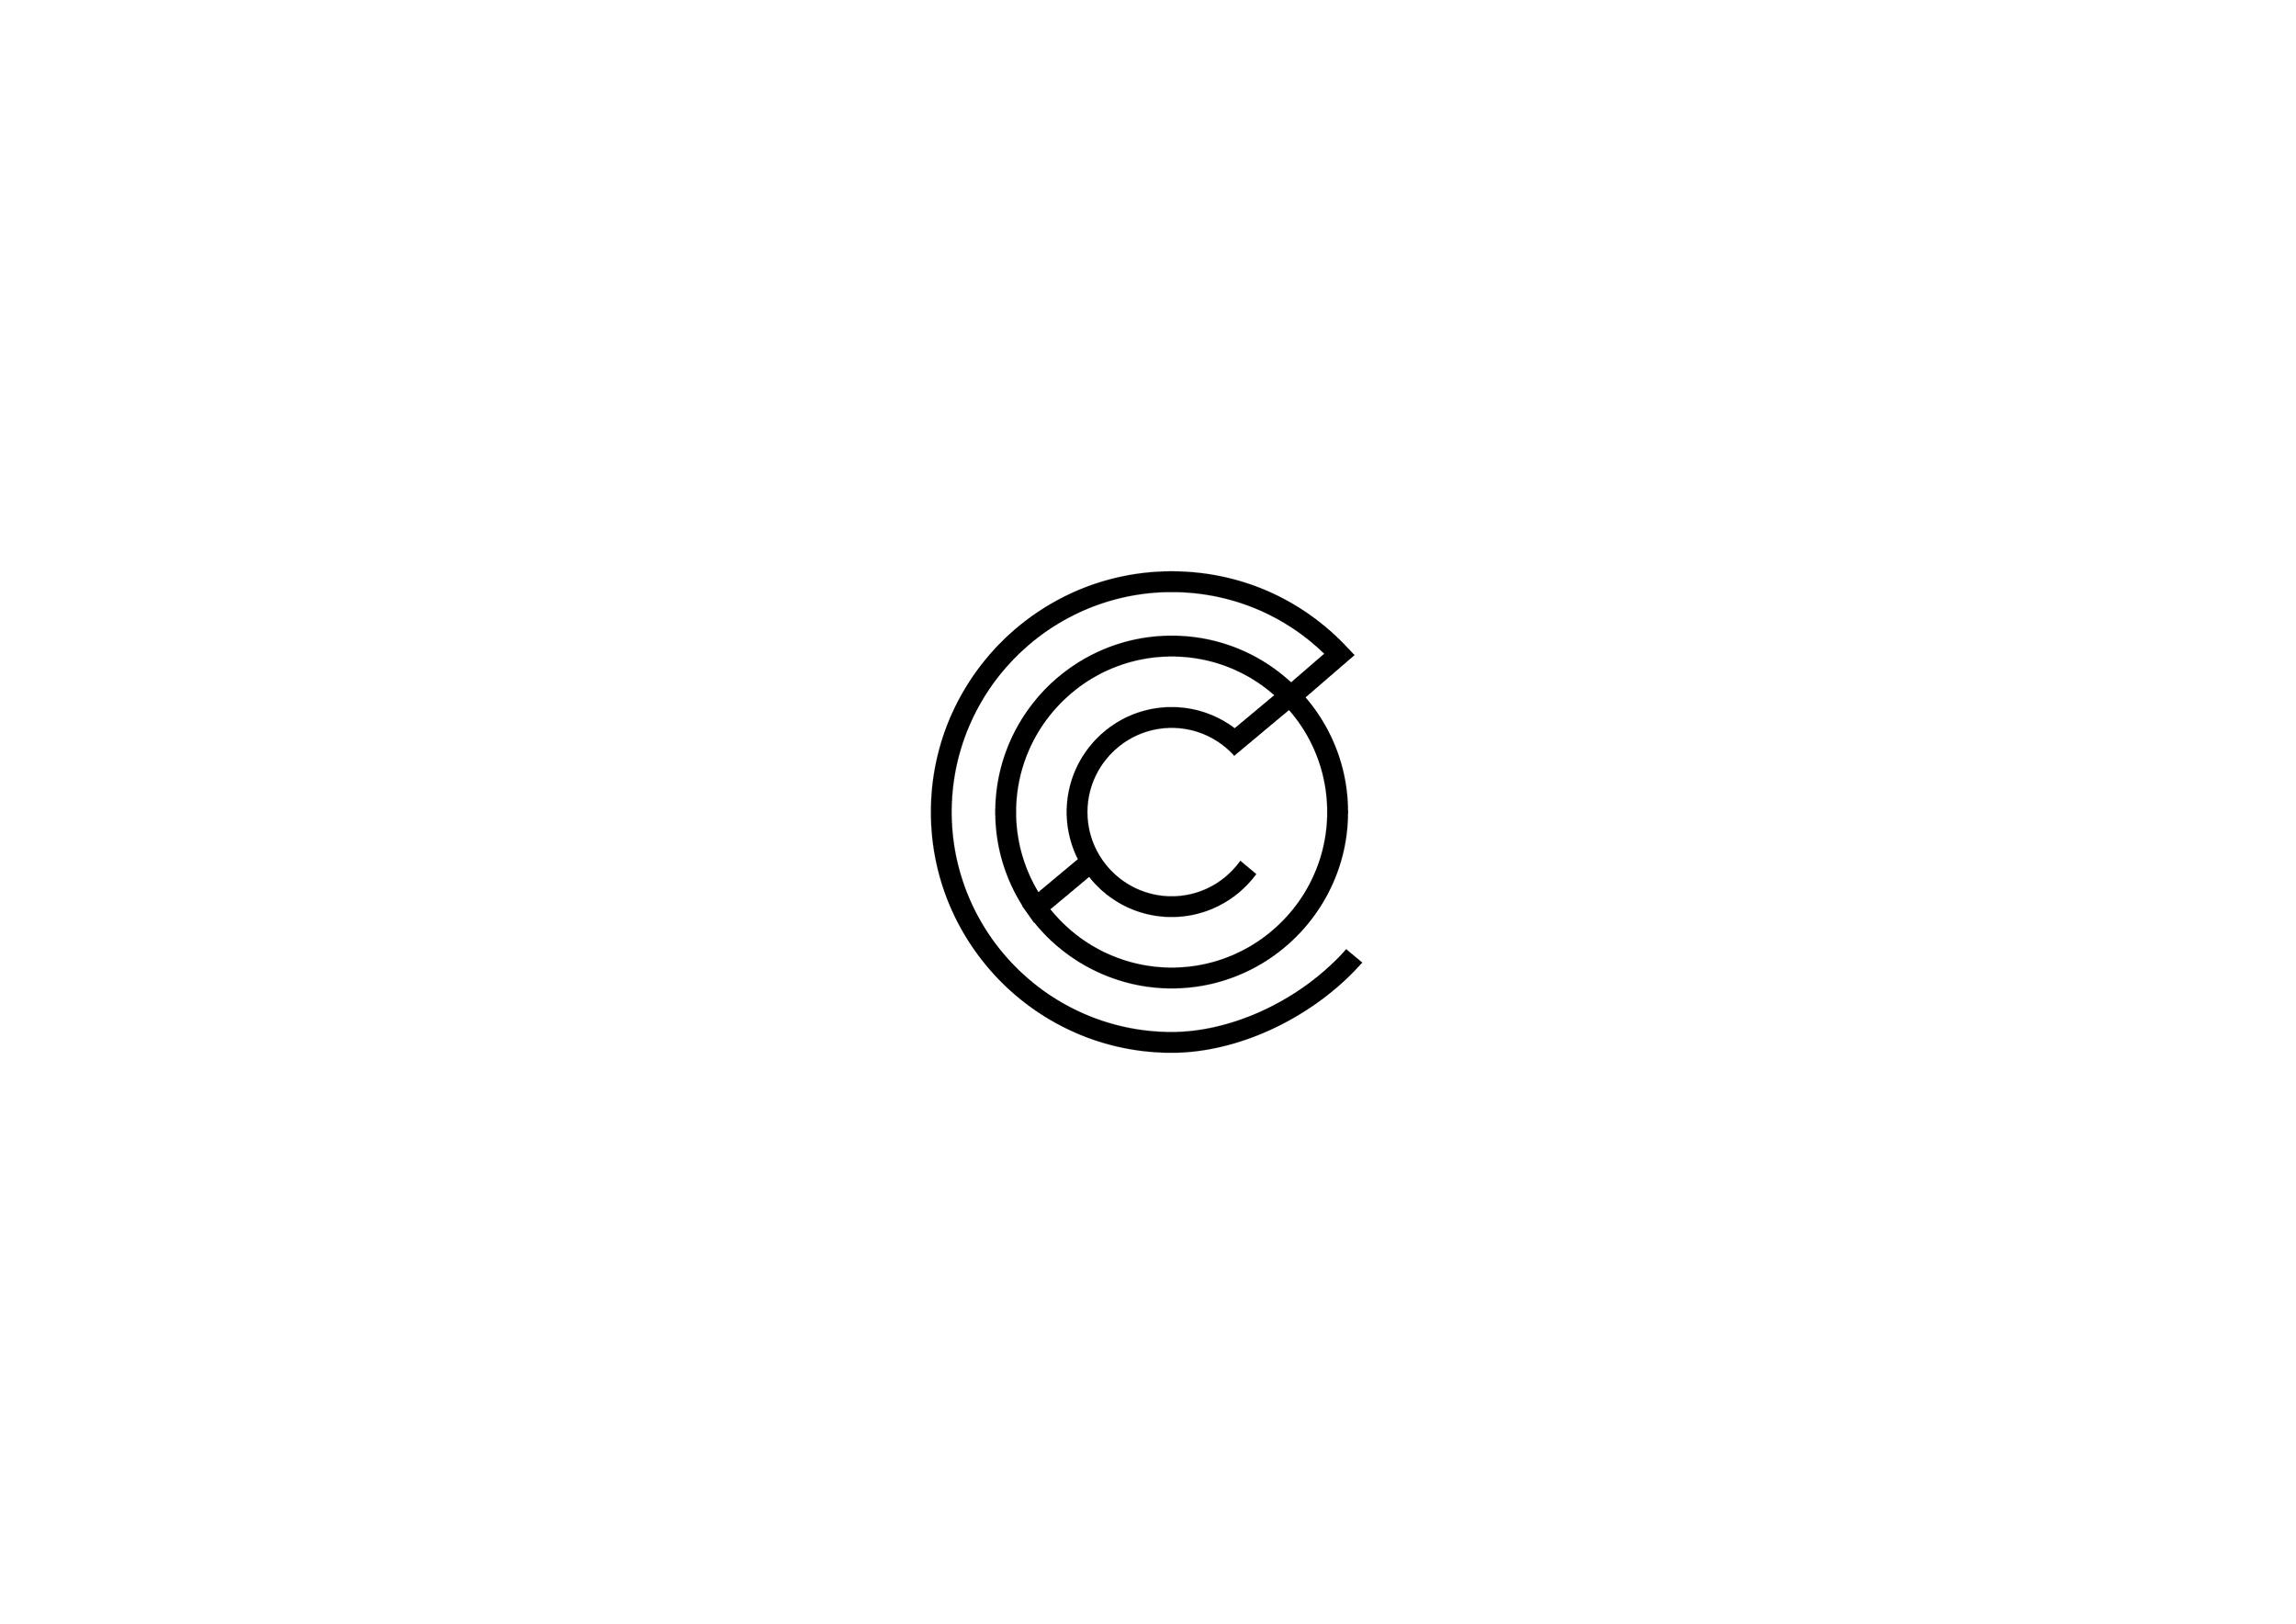 Cover image: Carrowmore Property - logo design